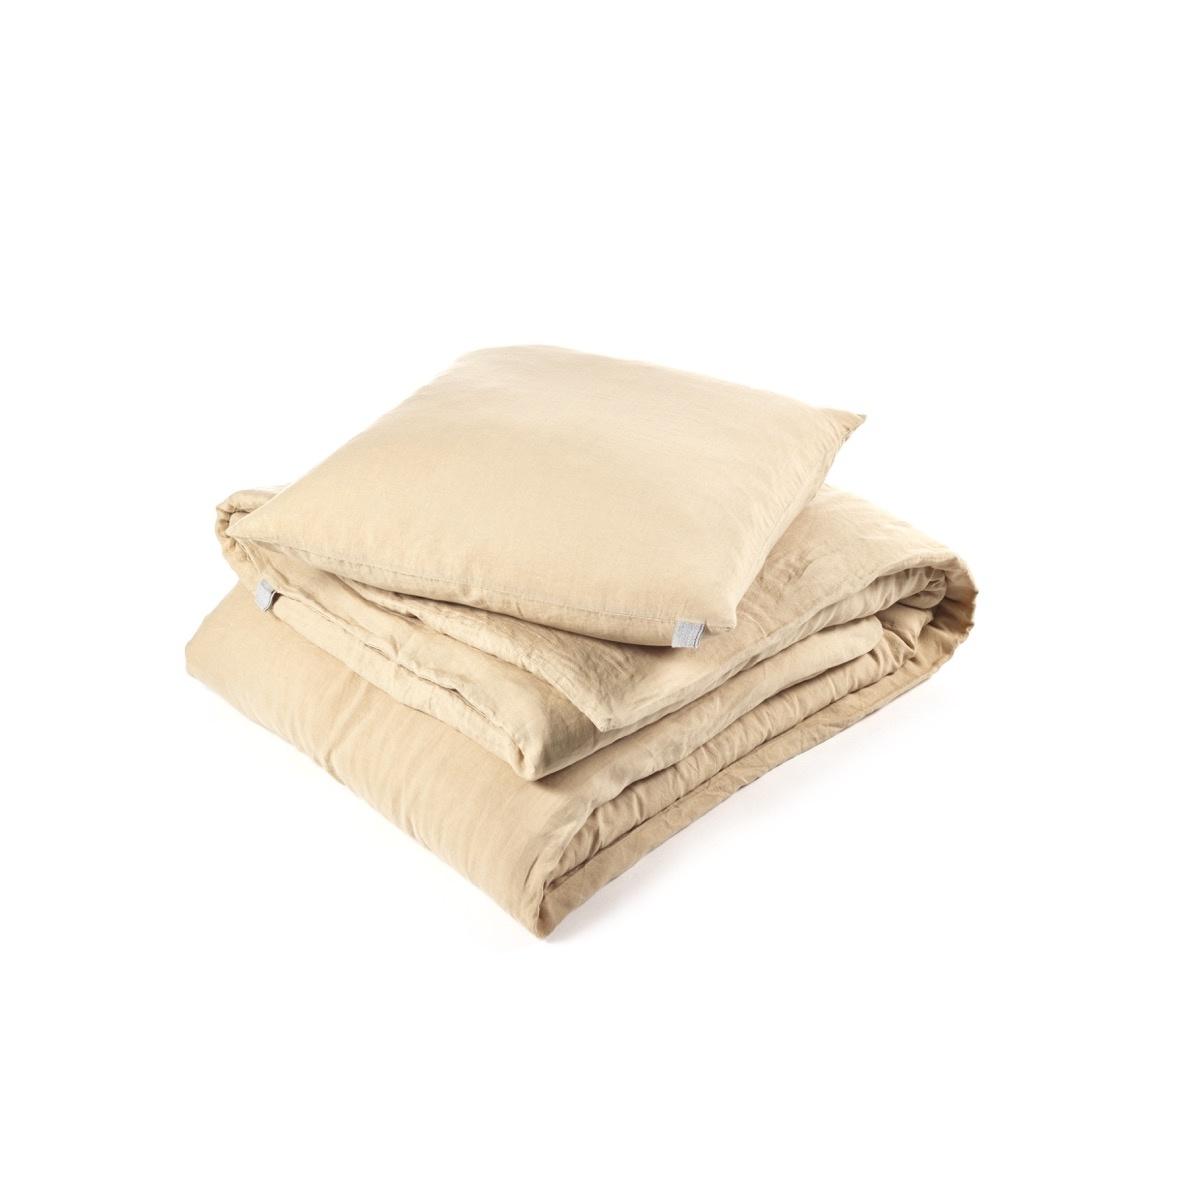 Pillowcase King - Memphis - Camel-1